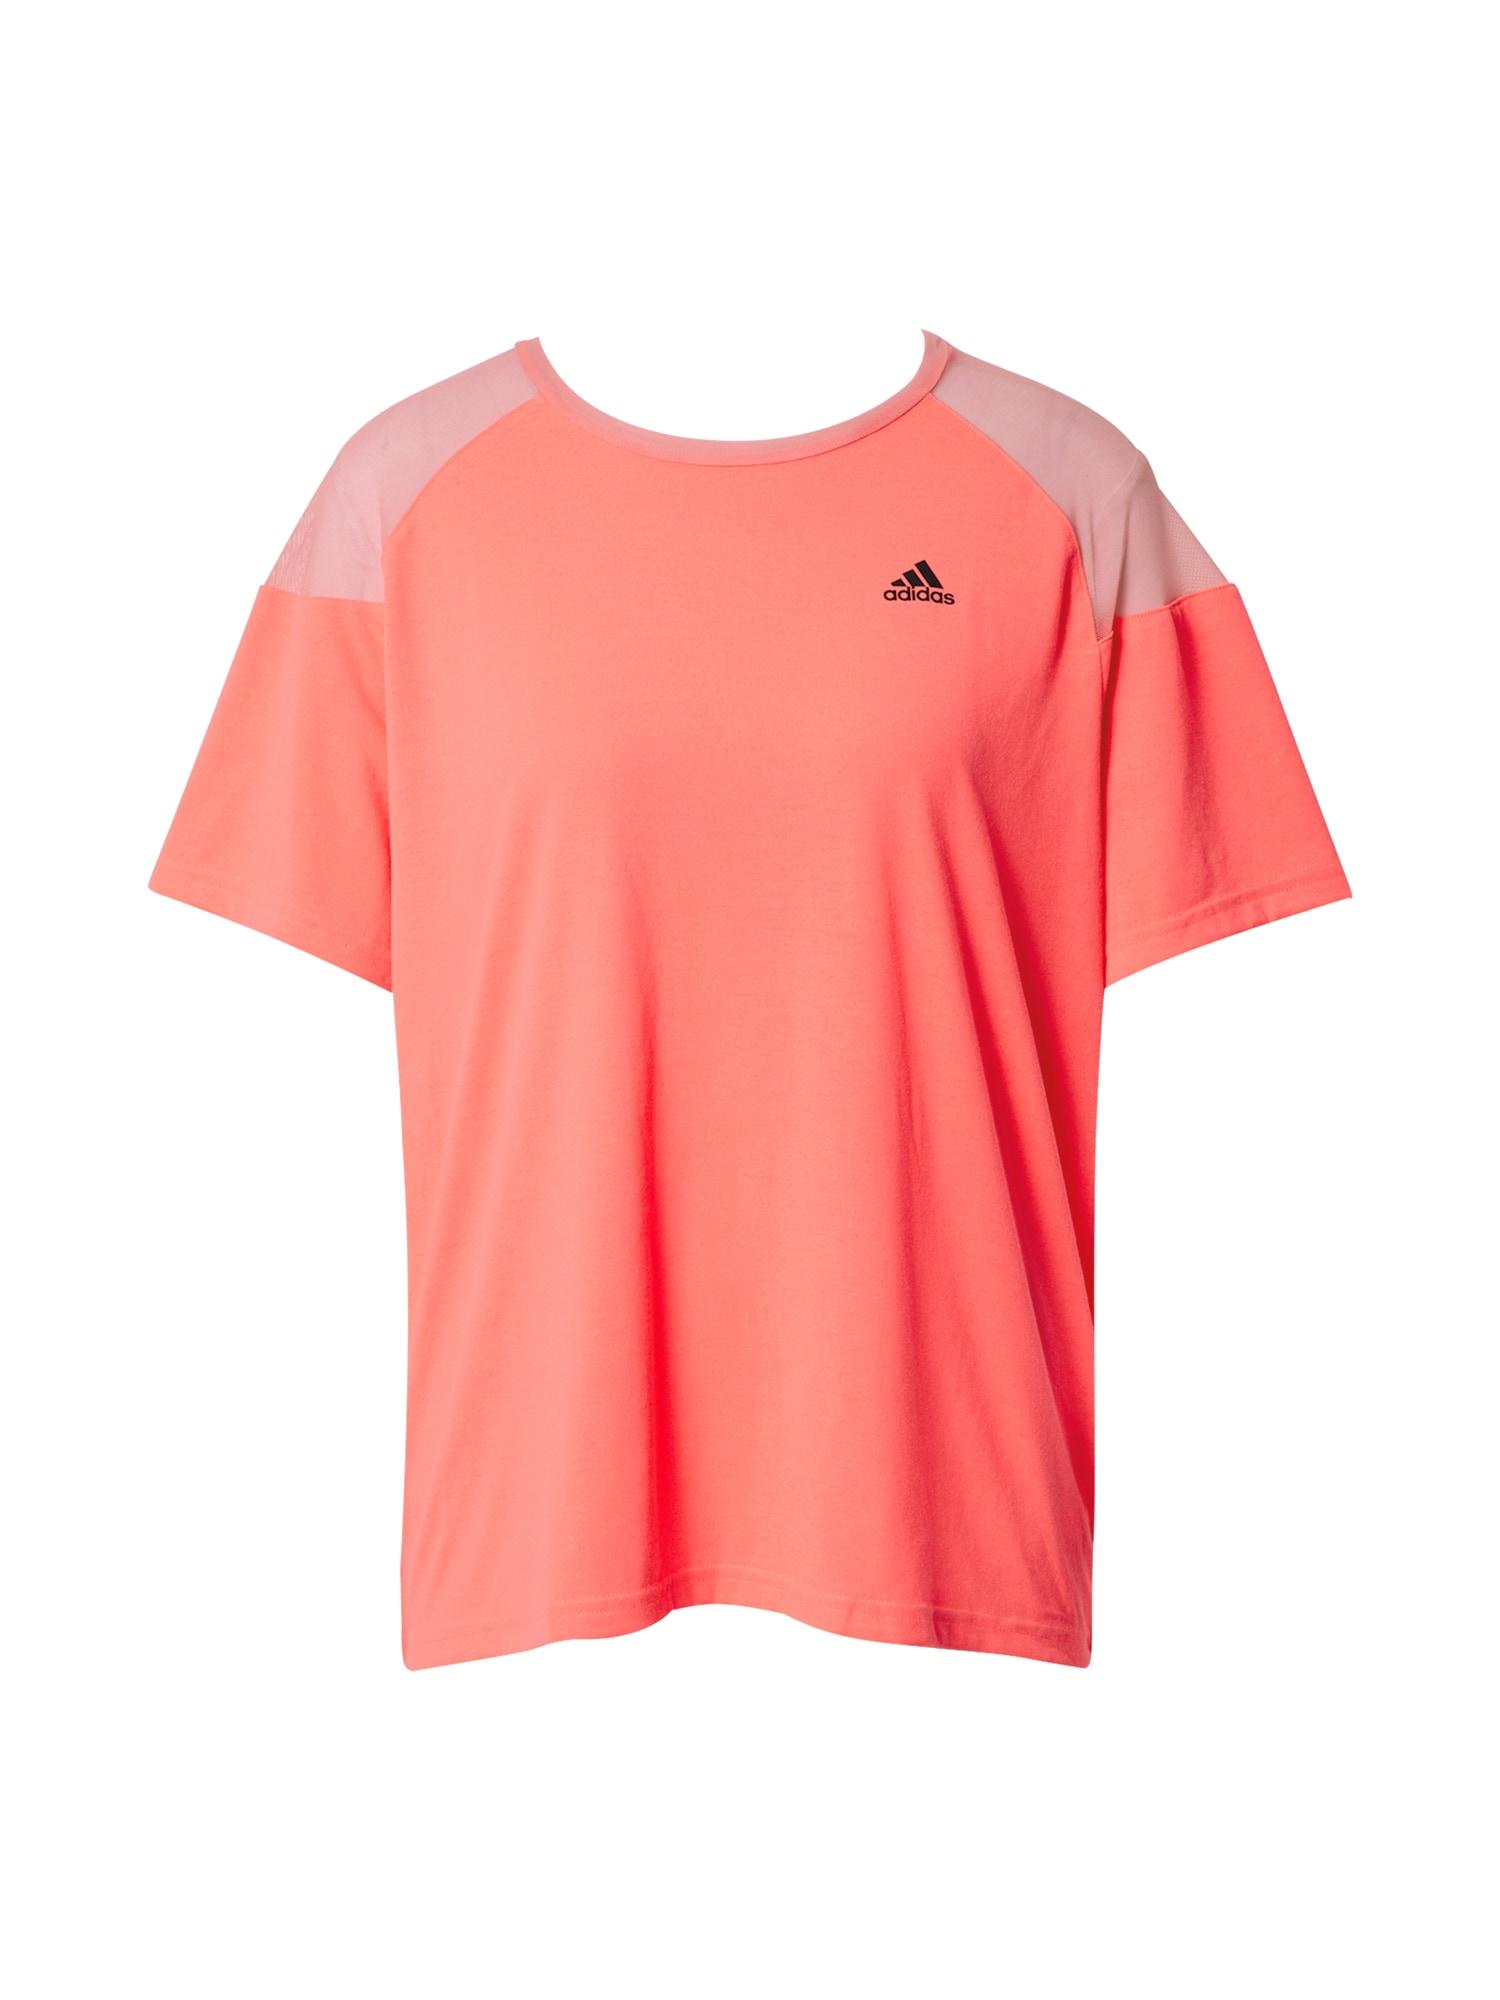 ADIDAS PERFORMANCE Sportiniai marškinėliai lašišų spalva